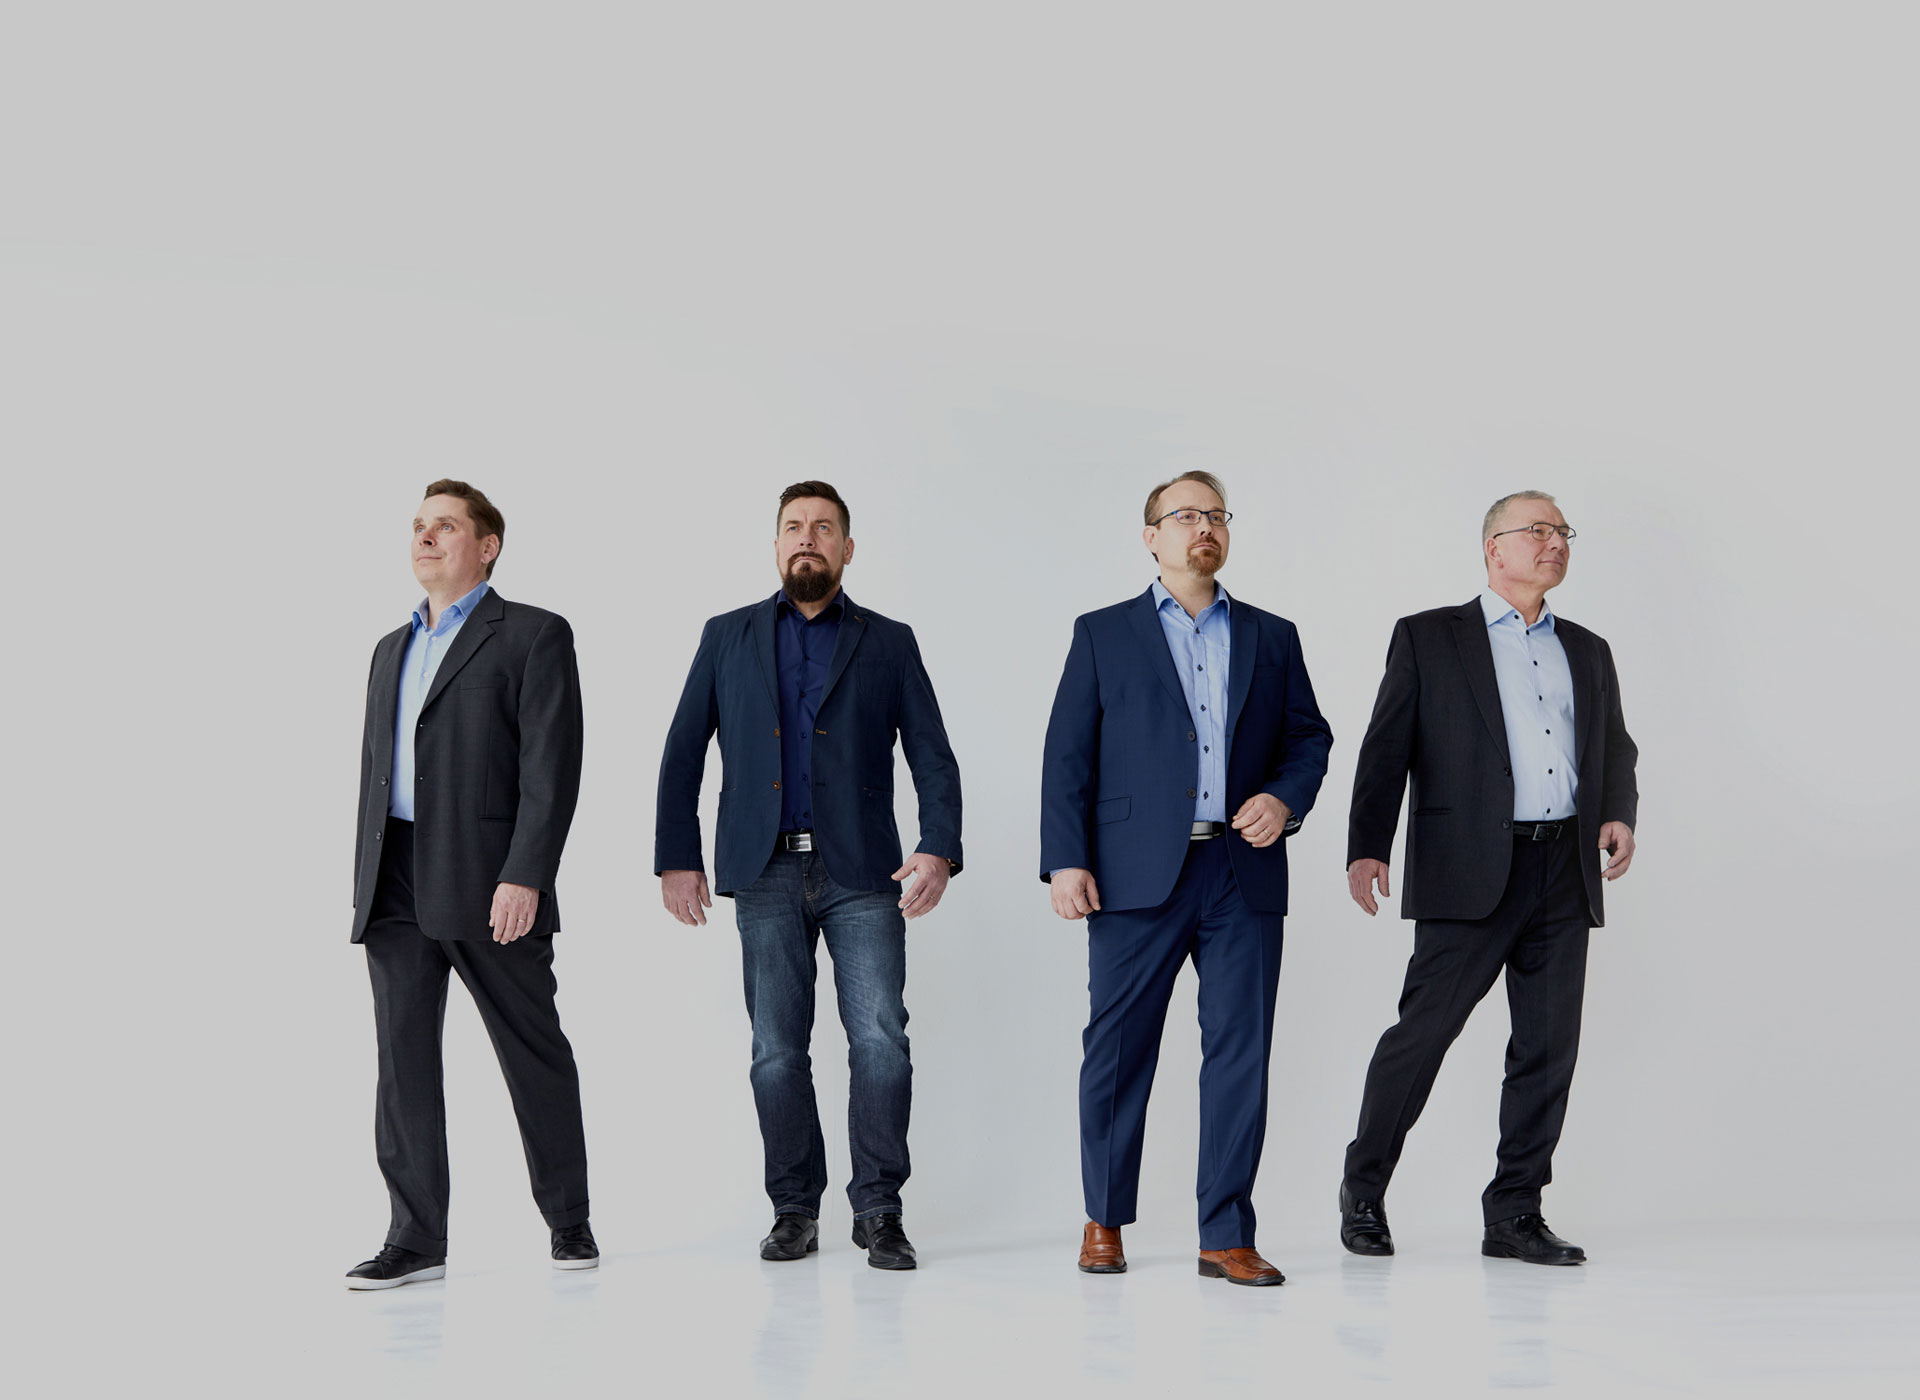 NPI:n Lean Six Sigma asiantuntijat